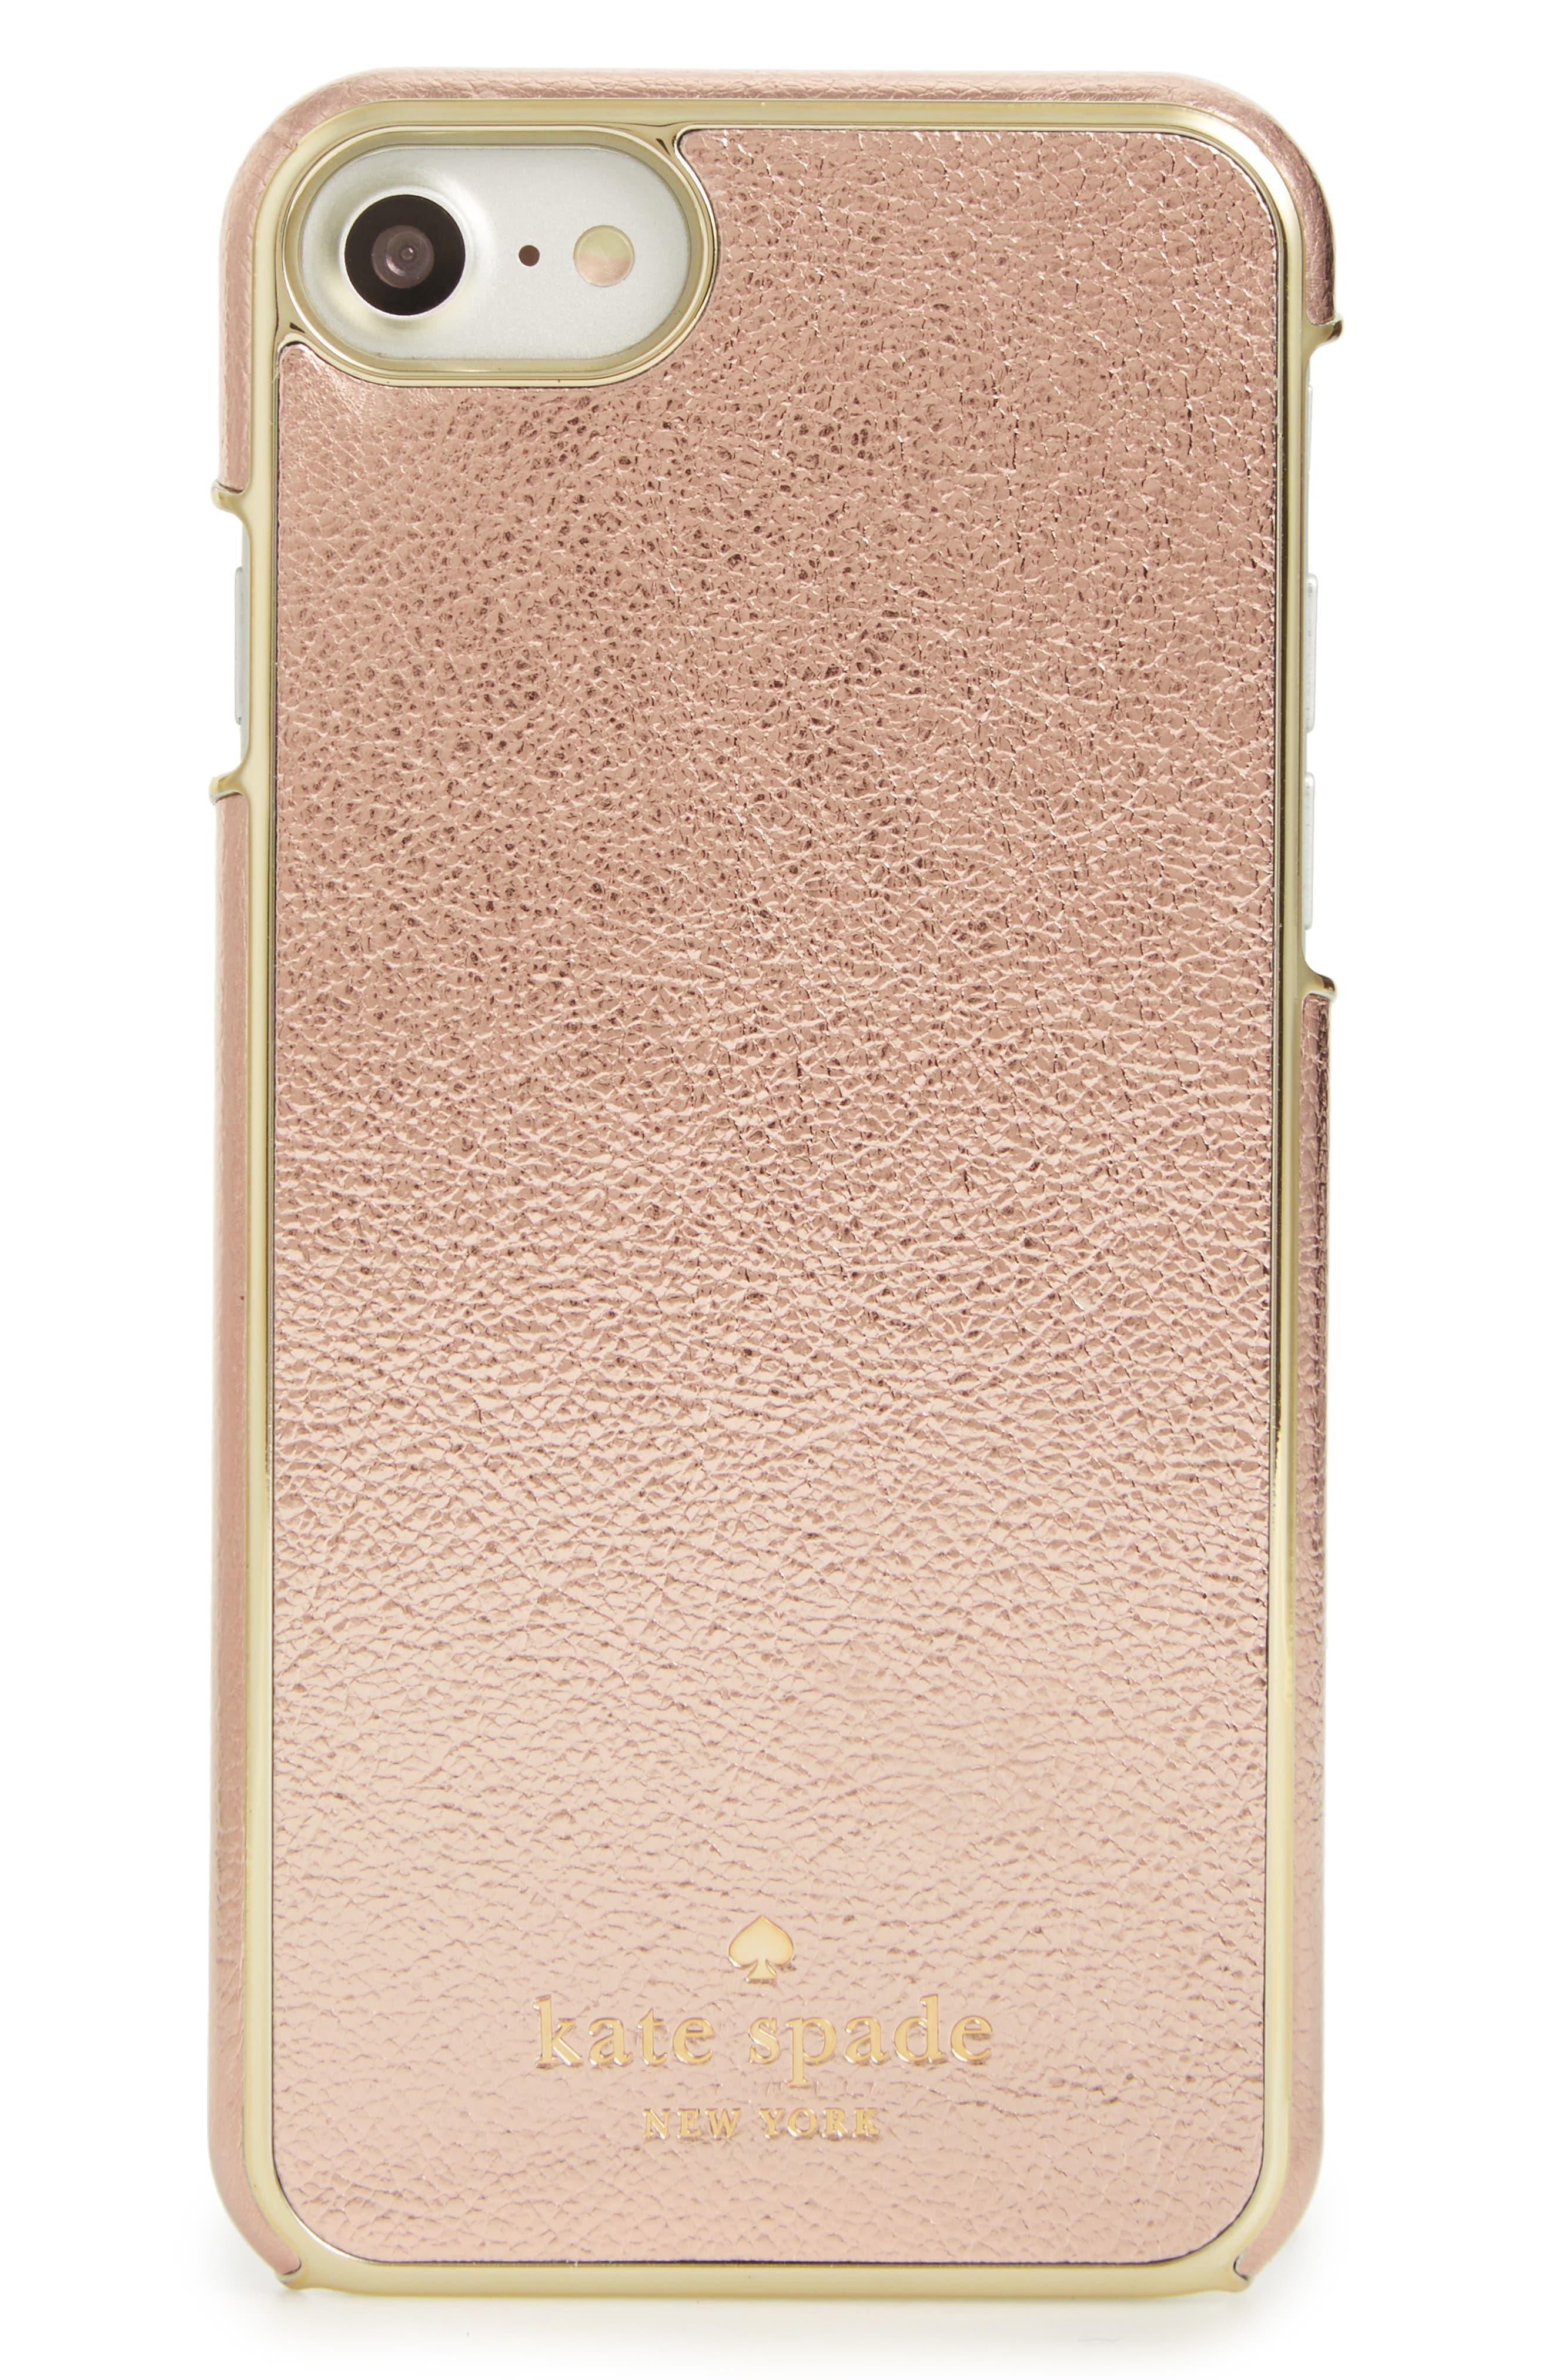 Main Image - kate spade new york metallic iPhone 7/8 case